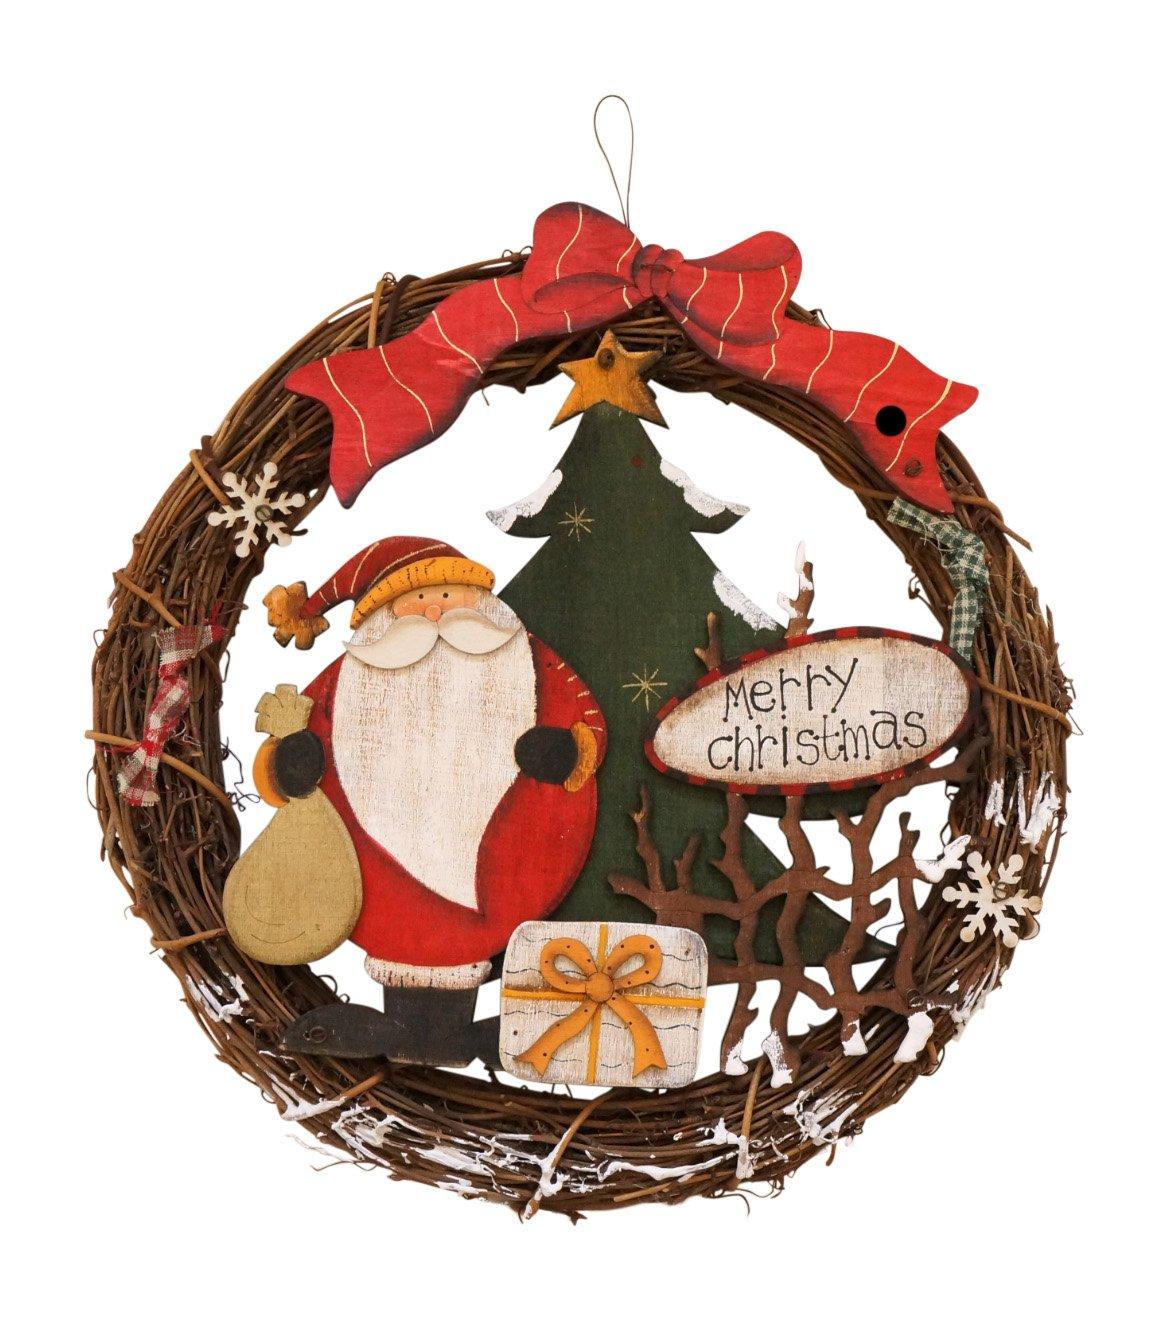 Charming Santa and Snowman Wooden Wreaths Holiday Decoration (Santa)